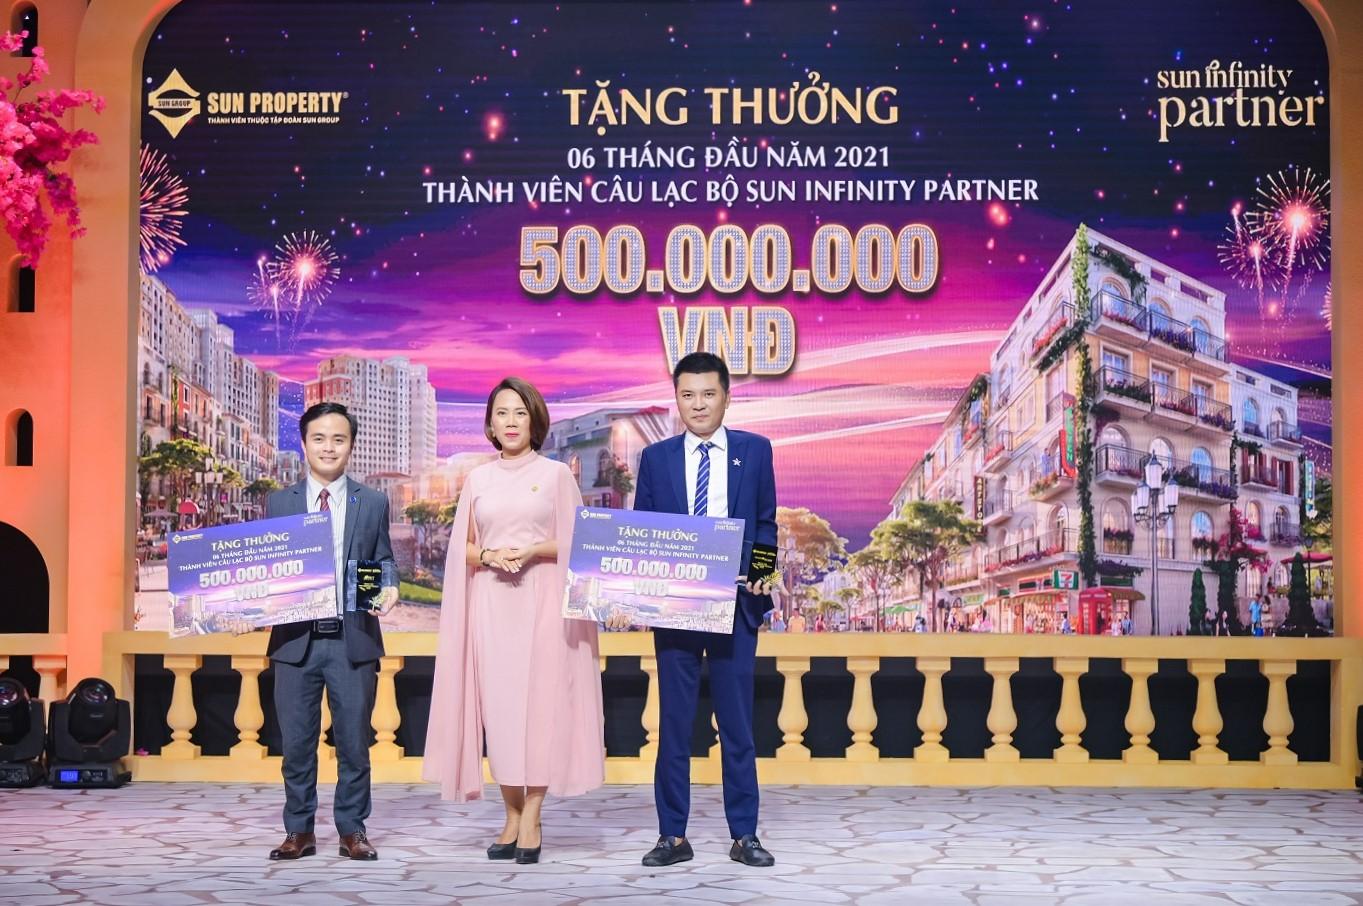 Bà Nguyễn Ngọc Thúy Linh - Phó tổng giám đốc Sun Property (giữa) đại diện Sun Group trao cúp SIP và tặng thưởng cho thành viên CLB Sun Infinity Partner (SIP).